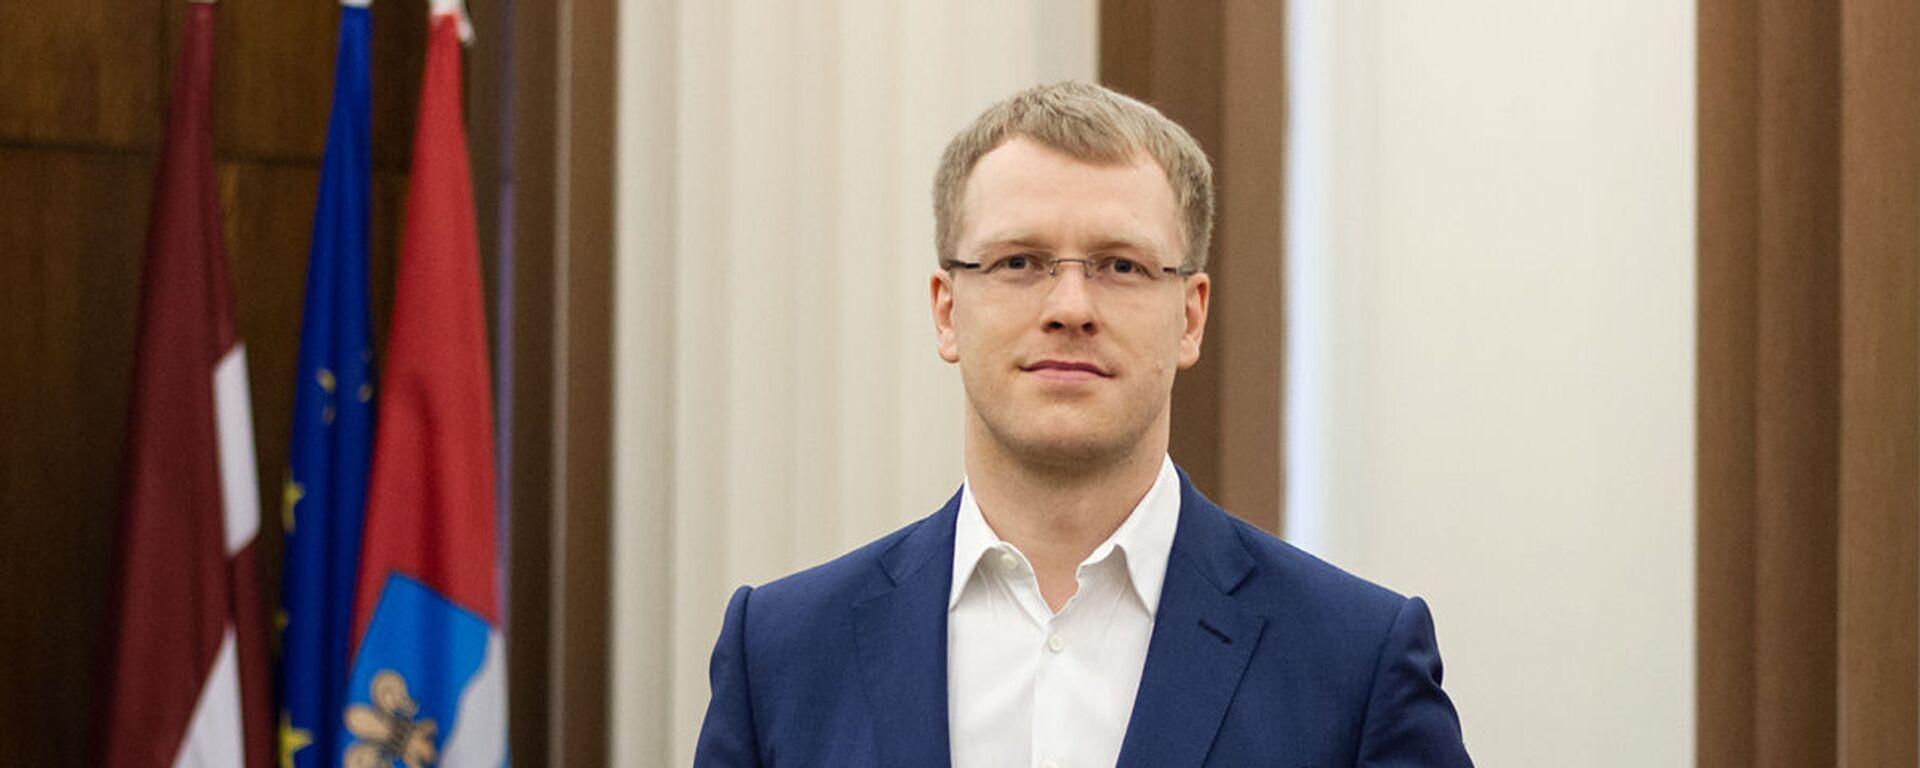 Председатель Даугавпилсской городской думы Андрей Элксниньш - Sputnik Латвия, 1920, 29.04.2021